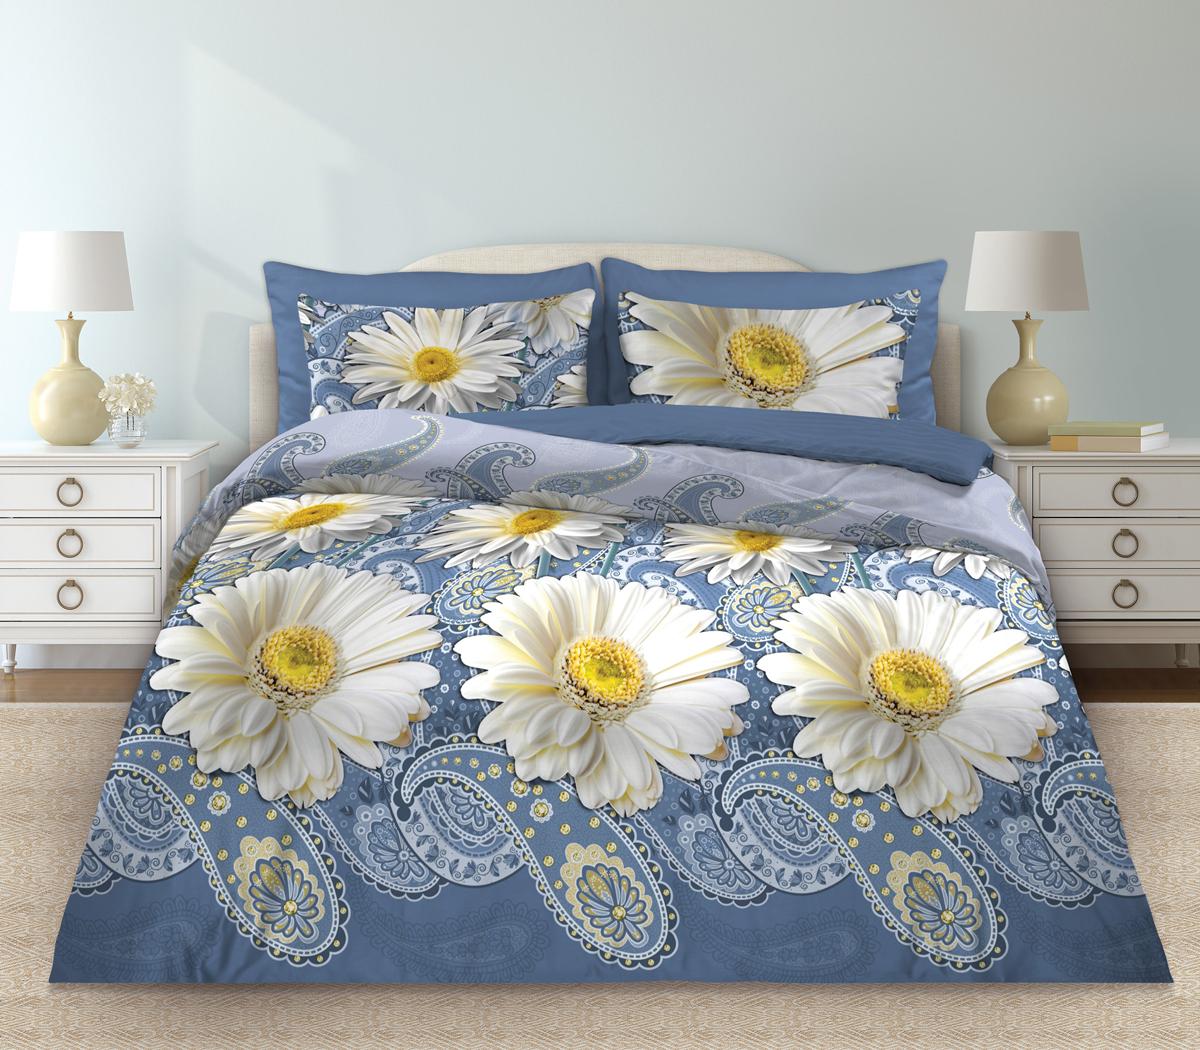 Комплект белья Любимый дом Русский узор, евро, наволочки 70 х 70, цвет: голубой. 331150331150Комплект постельного белья коллекции «Любимый дом» - выполнен из высококачественной ткани из 100% хлопка. Такое белье абсолютно натуральное, гипоаллергенное, соответствует строжайшим экологическим нормам безопасности, комфортное, дышащее, не нарушает естественные процессы терморегуляции, прочное, не линяет, не деформируется и не теряет своих красок даже после многочисленных стирок, а также отличается хорошей износостойкостью.